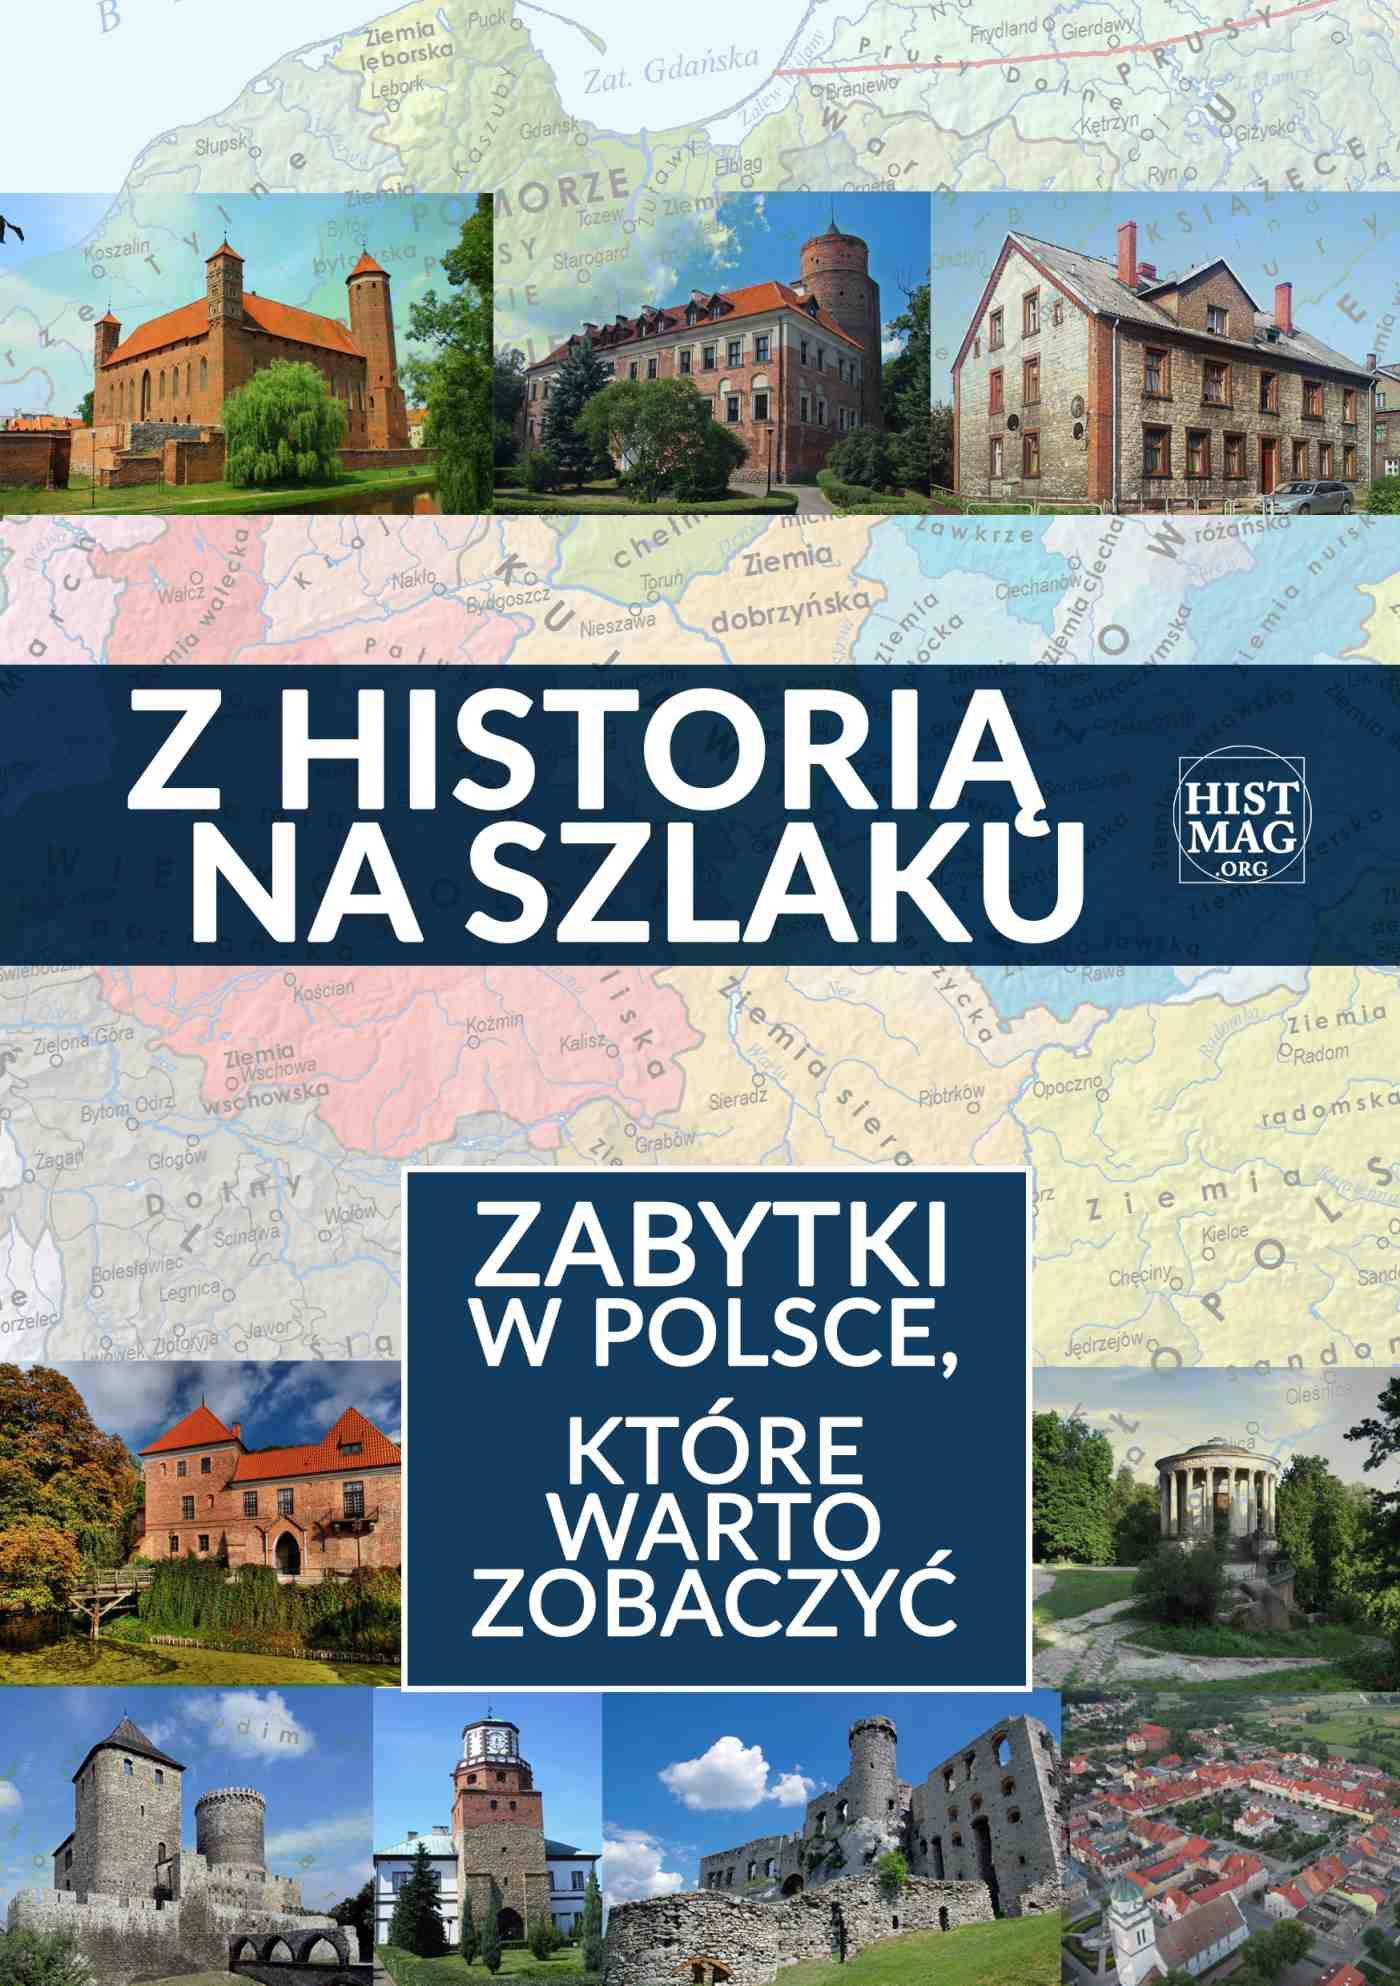 Z historią na szlaku. Zabytki w Polsce, które warto zobaczyć - Ebook (Książka PDF) do pobrania w formacie PDF